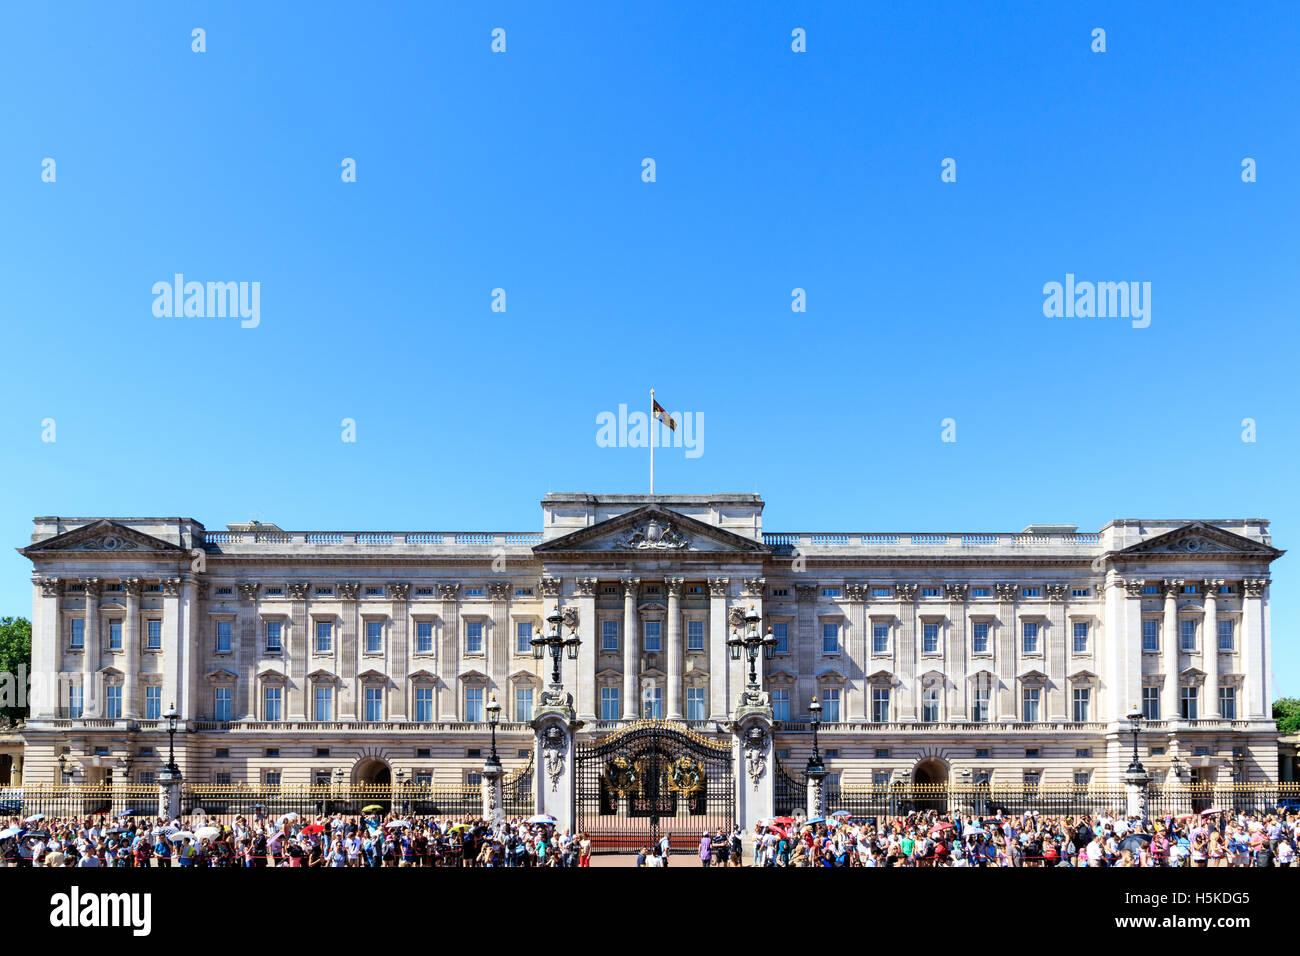 Buckingham Palace in London mit einer Menge von Touristen an einem wolkenlosen Tag Stockbild